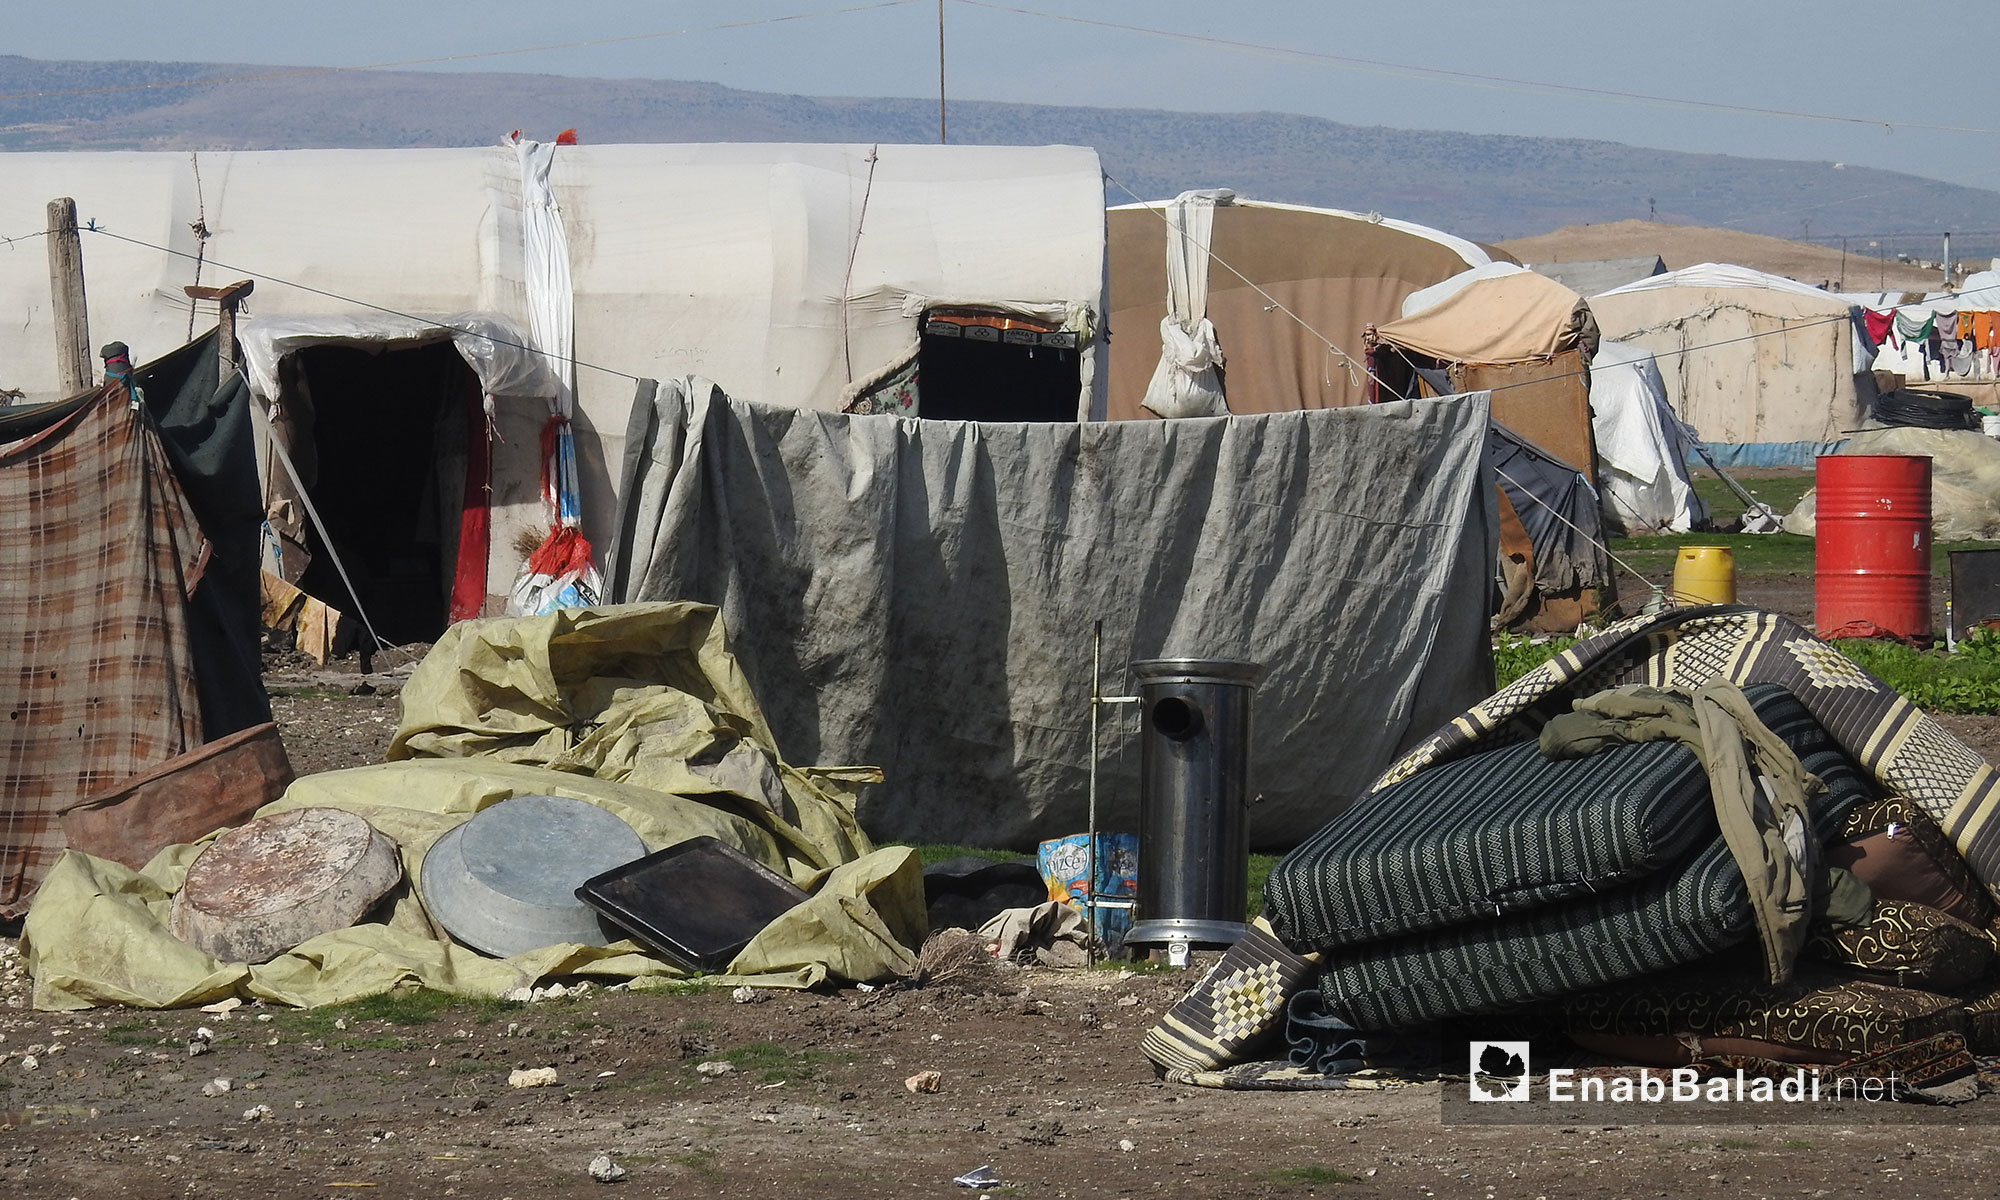 معاناة النازحين في مخيم المرج بريف حلب الشمالي - 19 شباط 2018 (عنب بلدي)